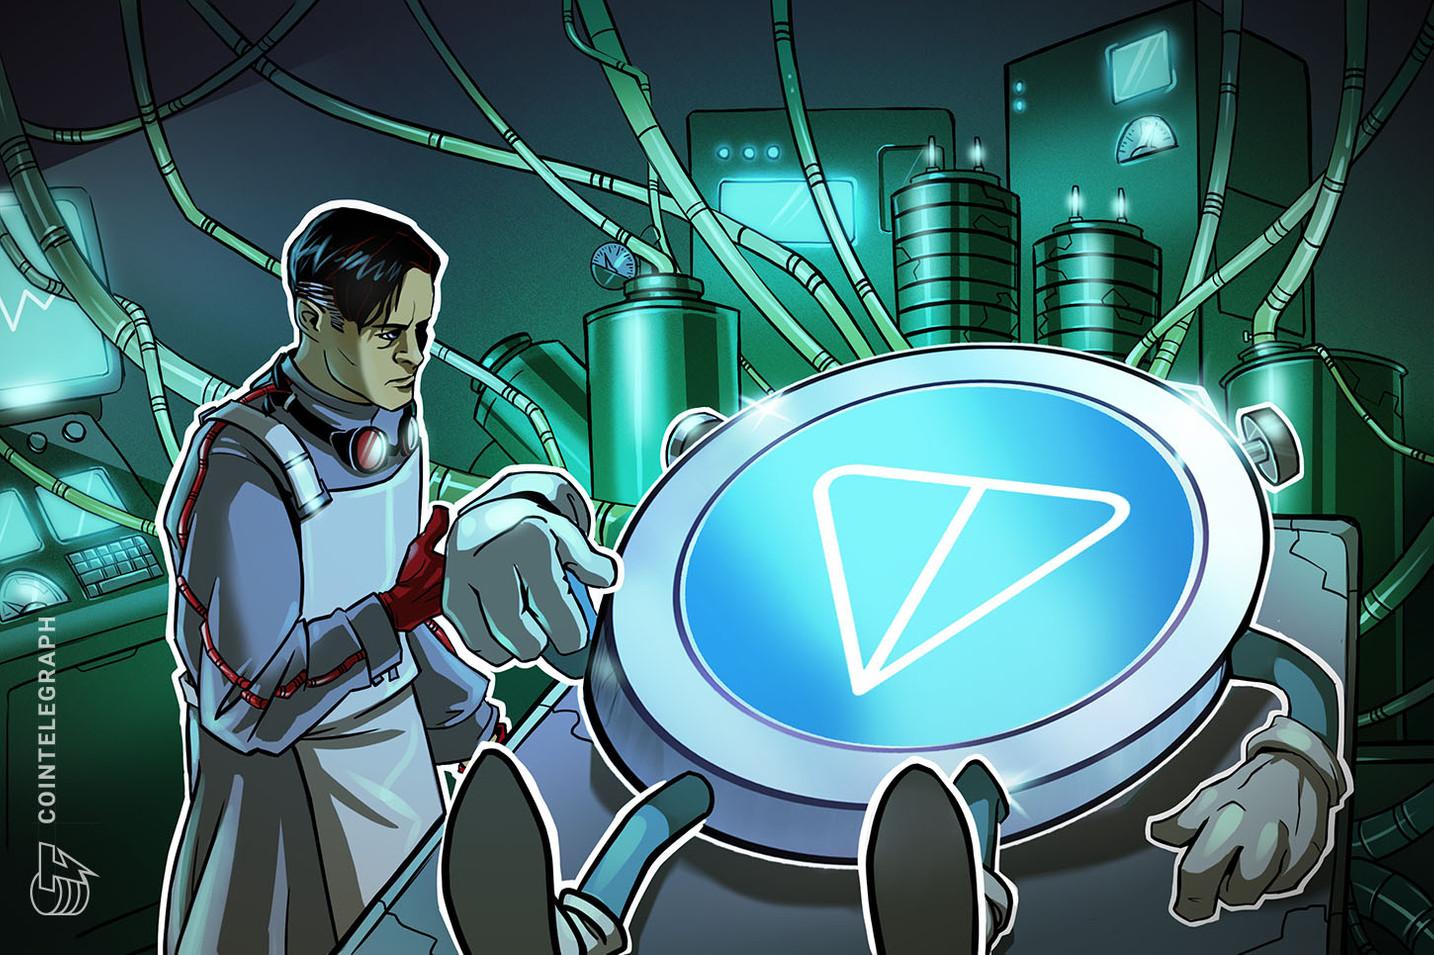 テレグラムCEO、独自ブロックチェーンTONと仮想通貨グラムを放棄する方針発表